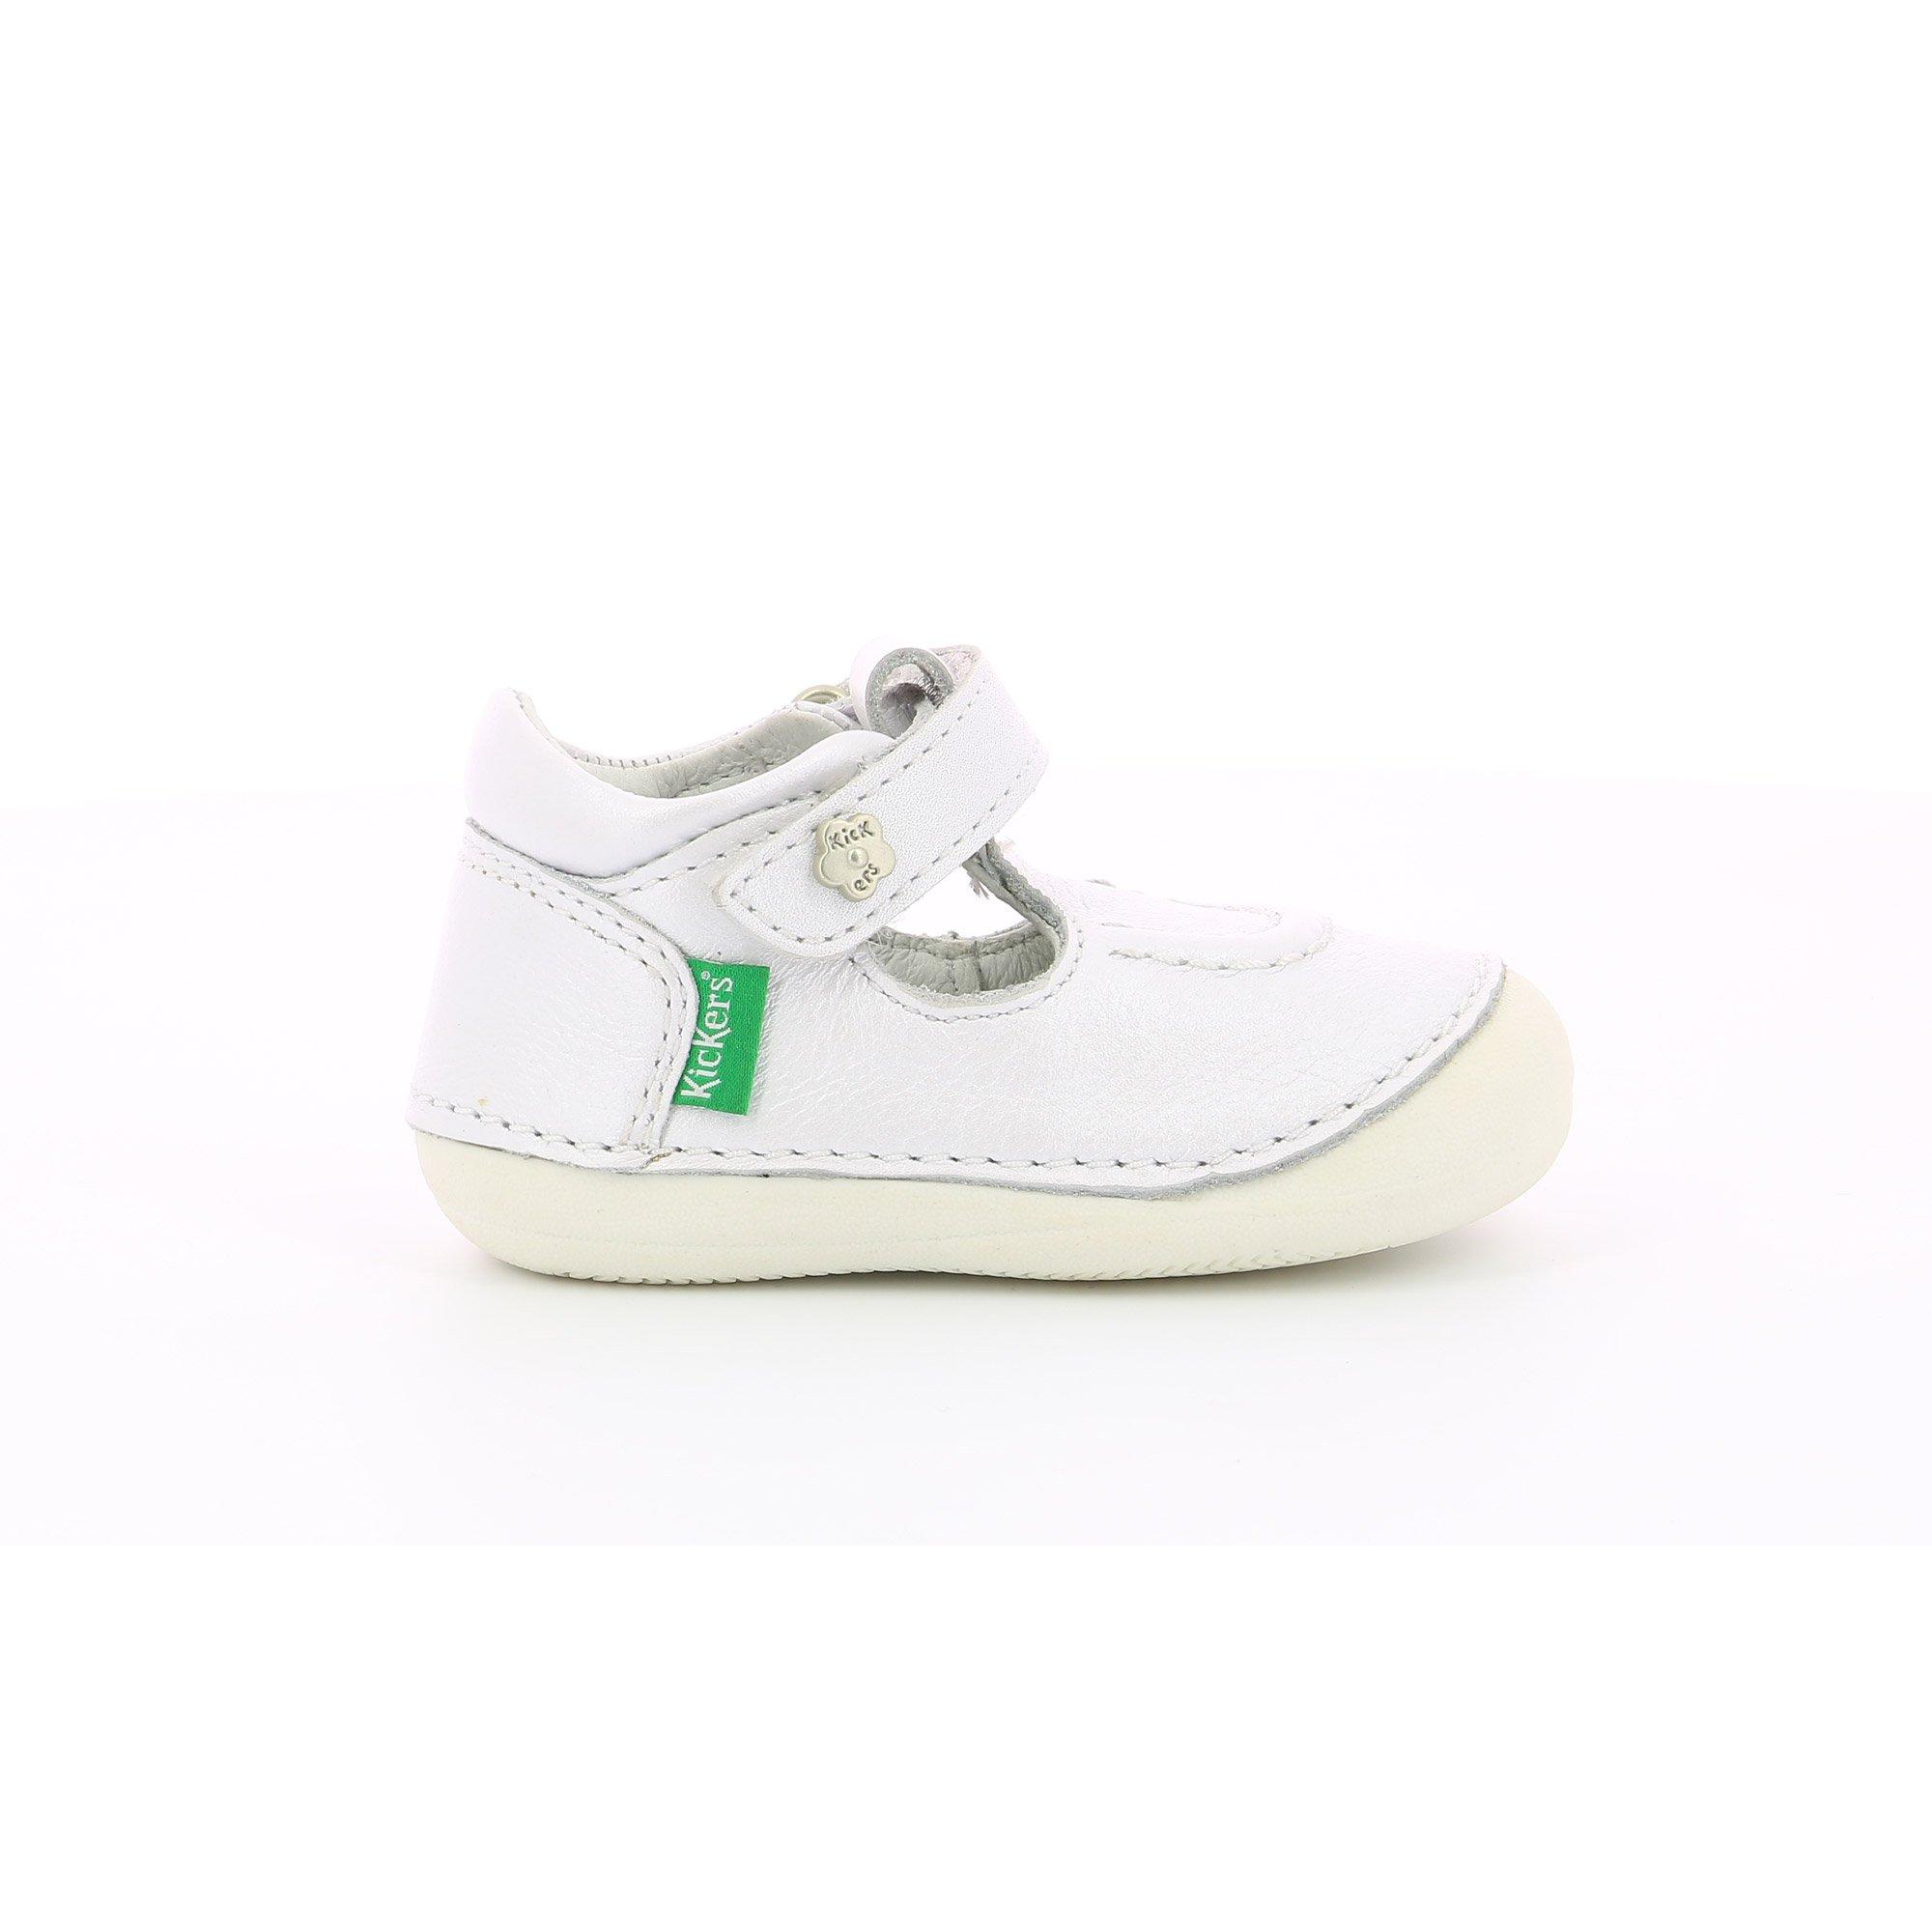 Chaussures Salomé Blanc métallisé  de Kickers